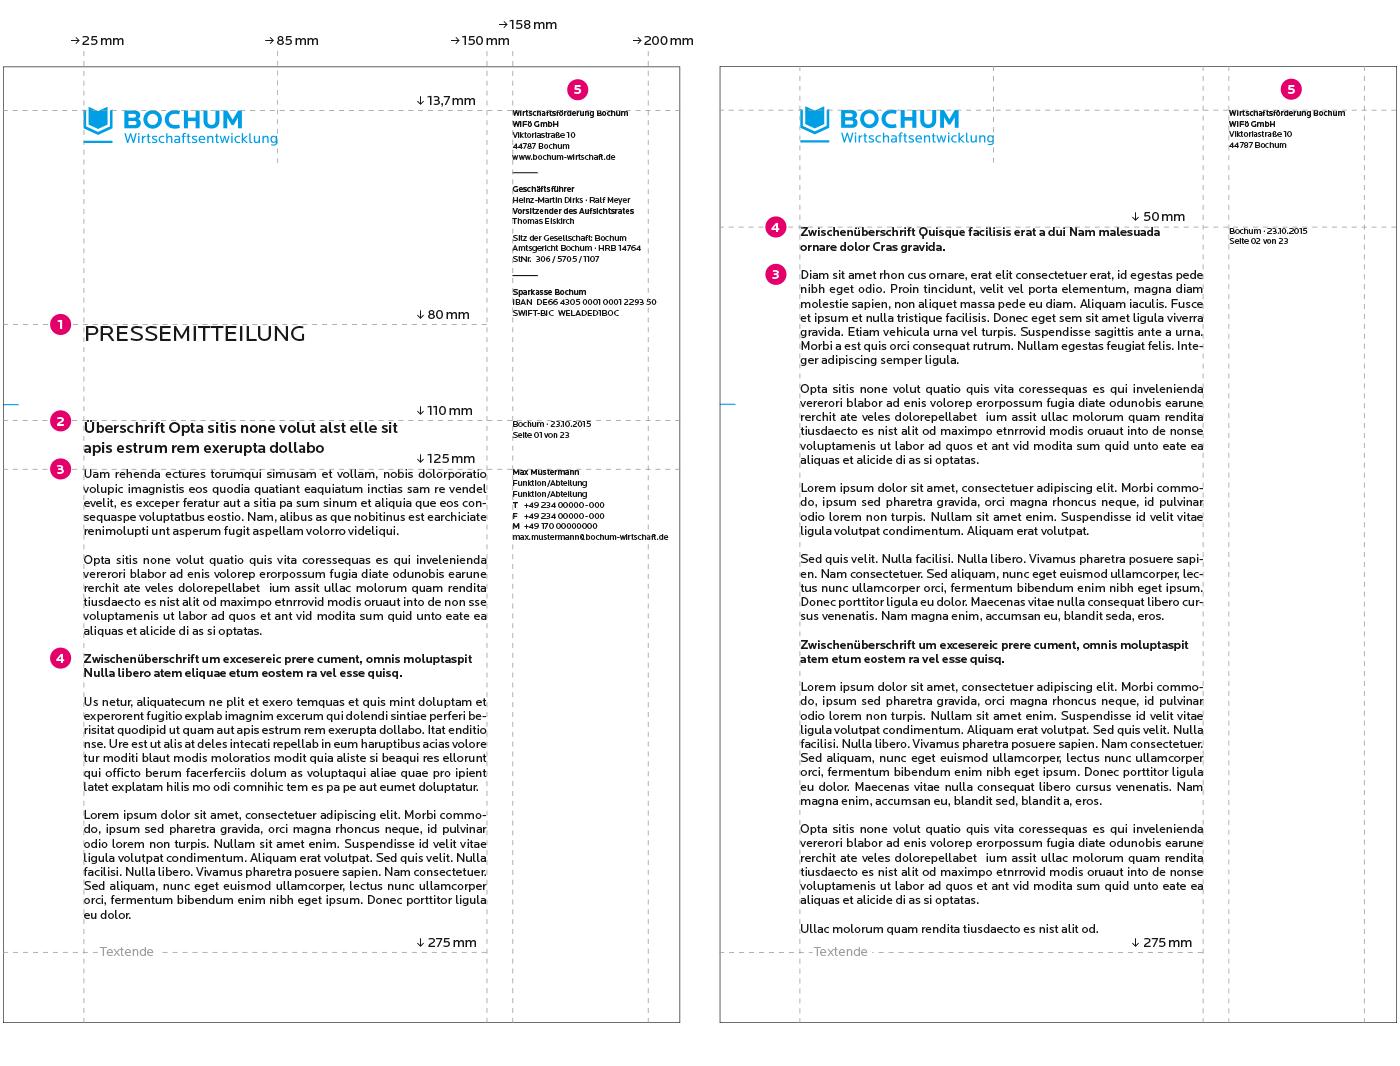 Bochum Wirtschaftsentwicklung Geschäftsausstattung Pressemitteilung